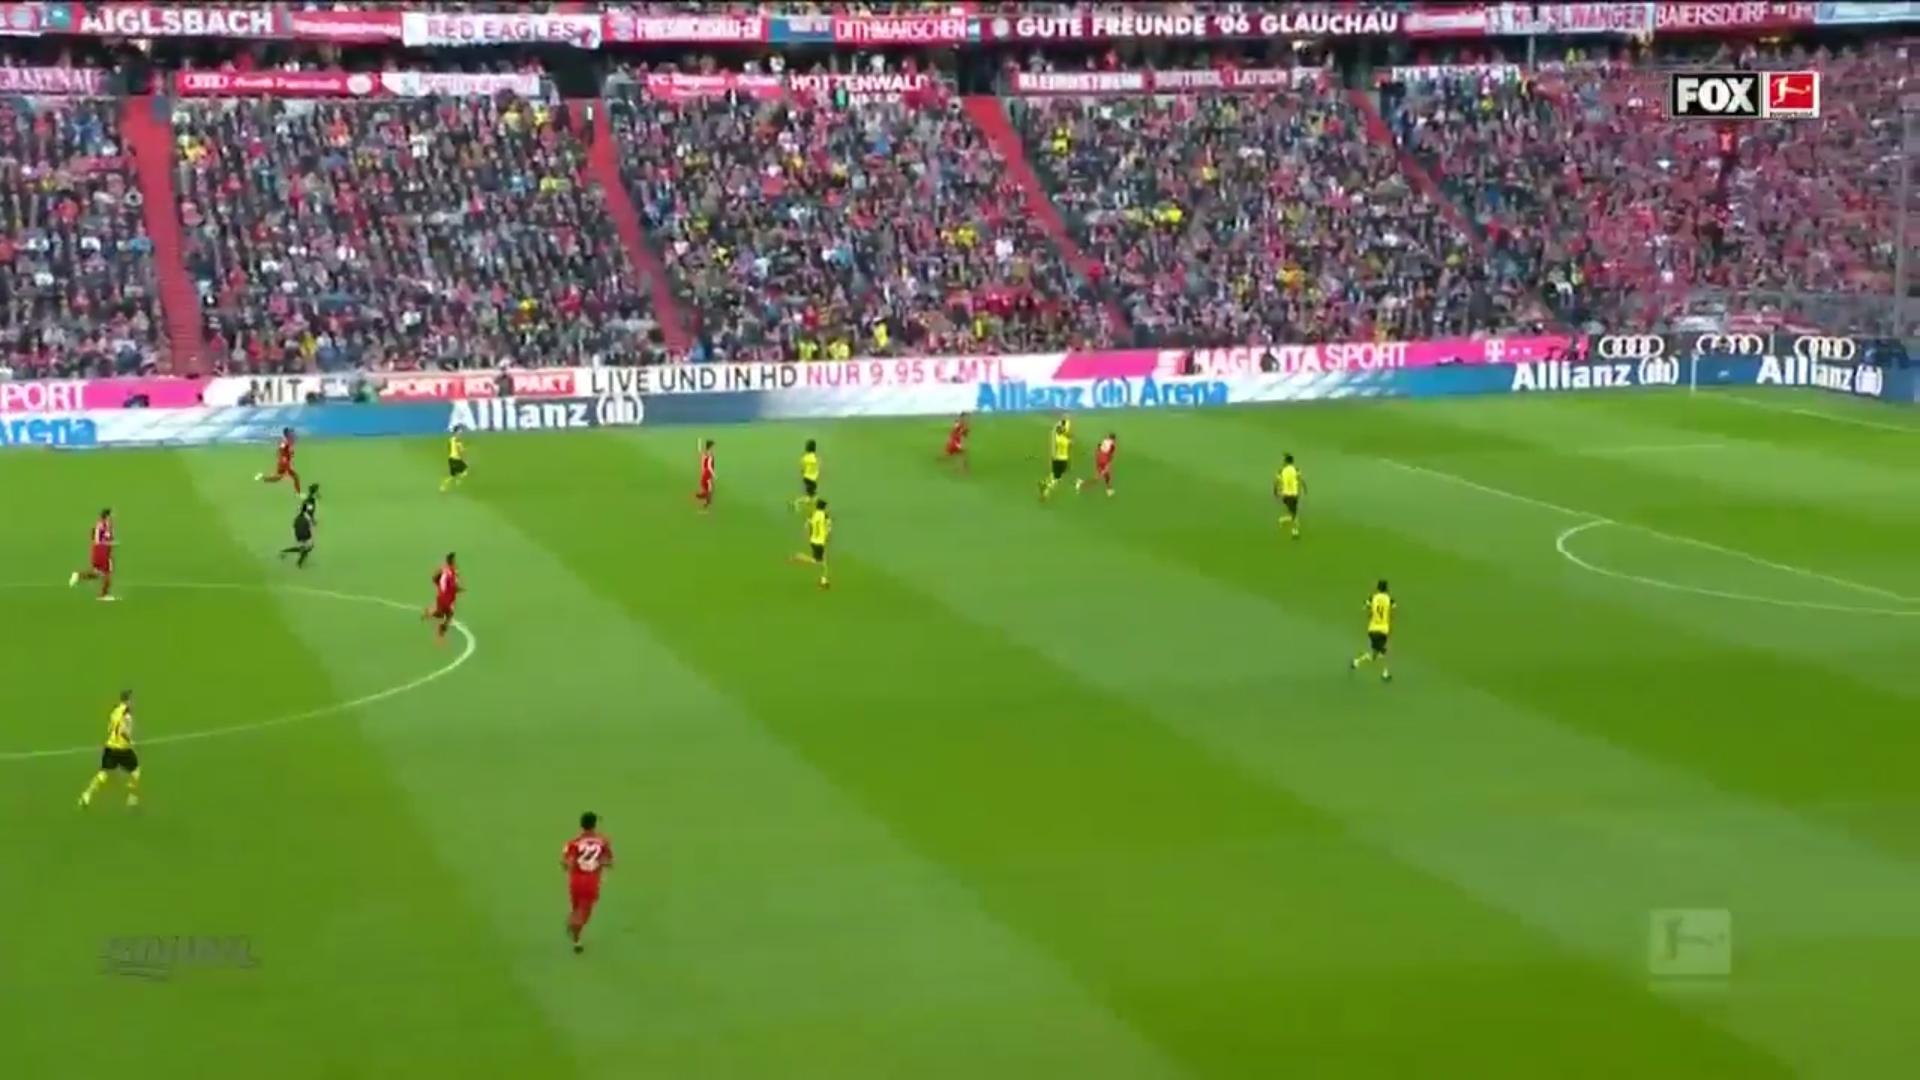 06-04-2019 - FC Bayern Munchen 5-0 Borussia Dortmund